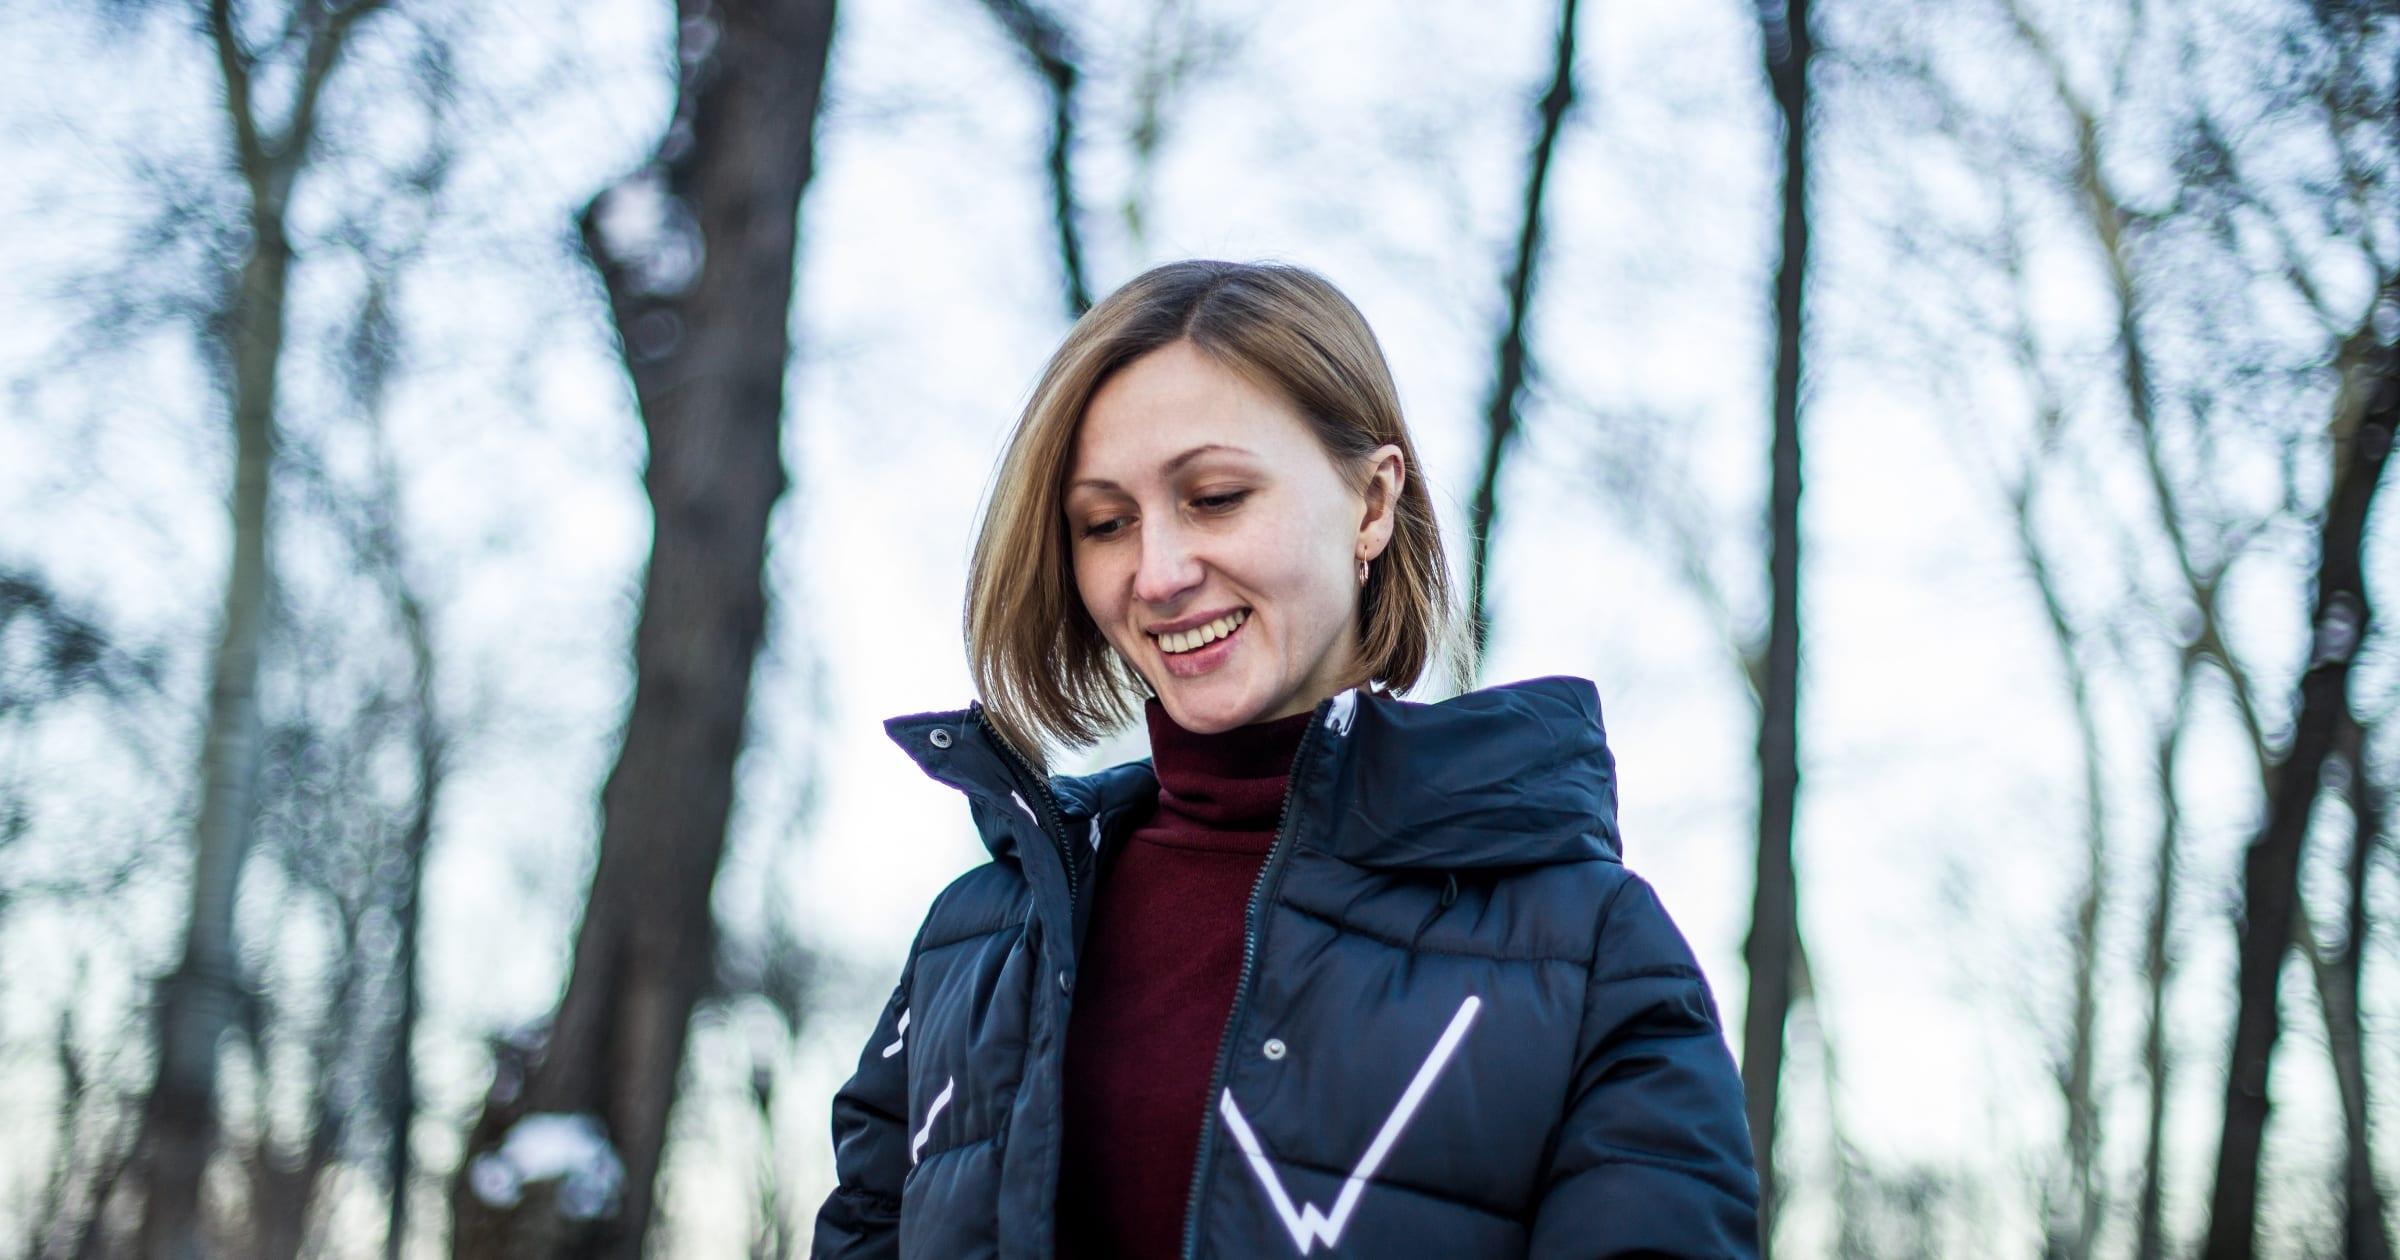 Настя Мантач — про «кадрове» життя музейного фотографа, фріланс та випадковості